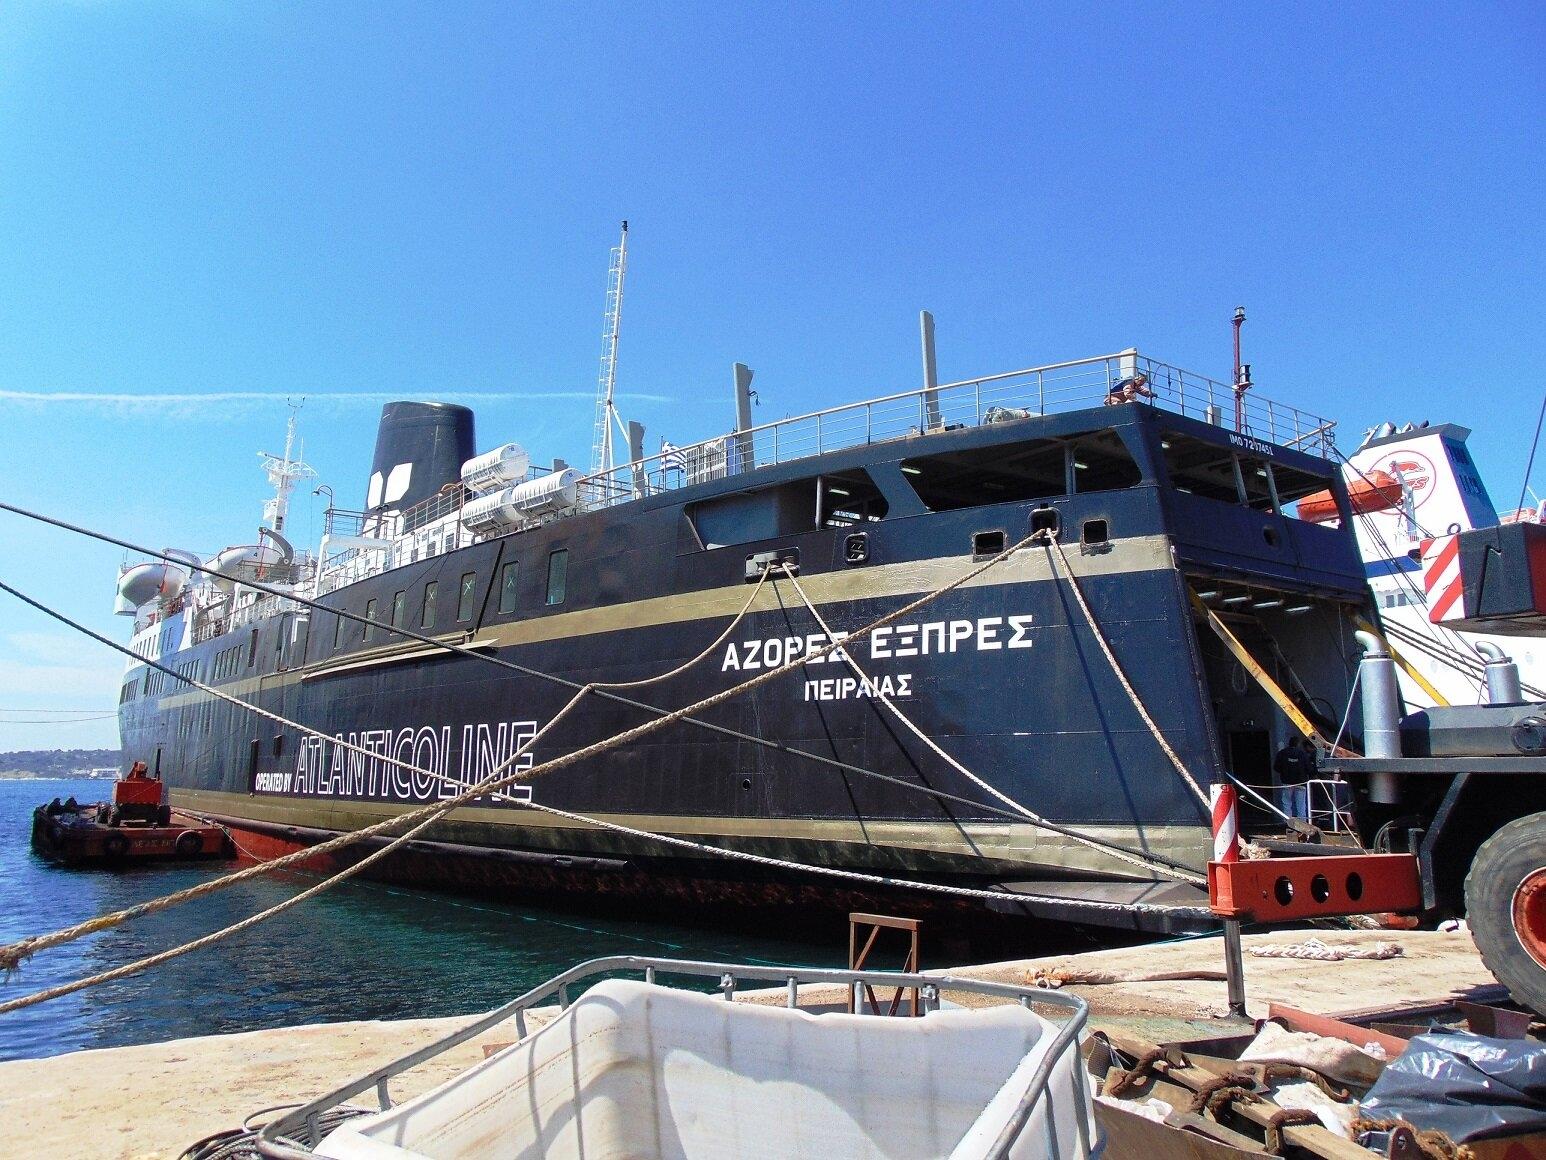 Αυτά είναι τα δρομολόγια του AZORES EXPRESS στην ακτοπλοϊκή γραμμή Αλεξανδρούπολης - Σαμοθράκης.